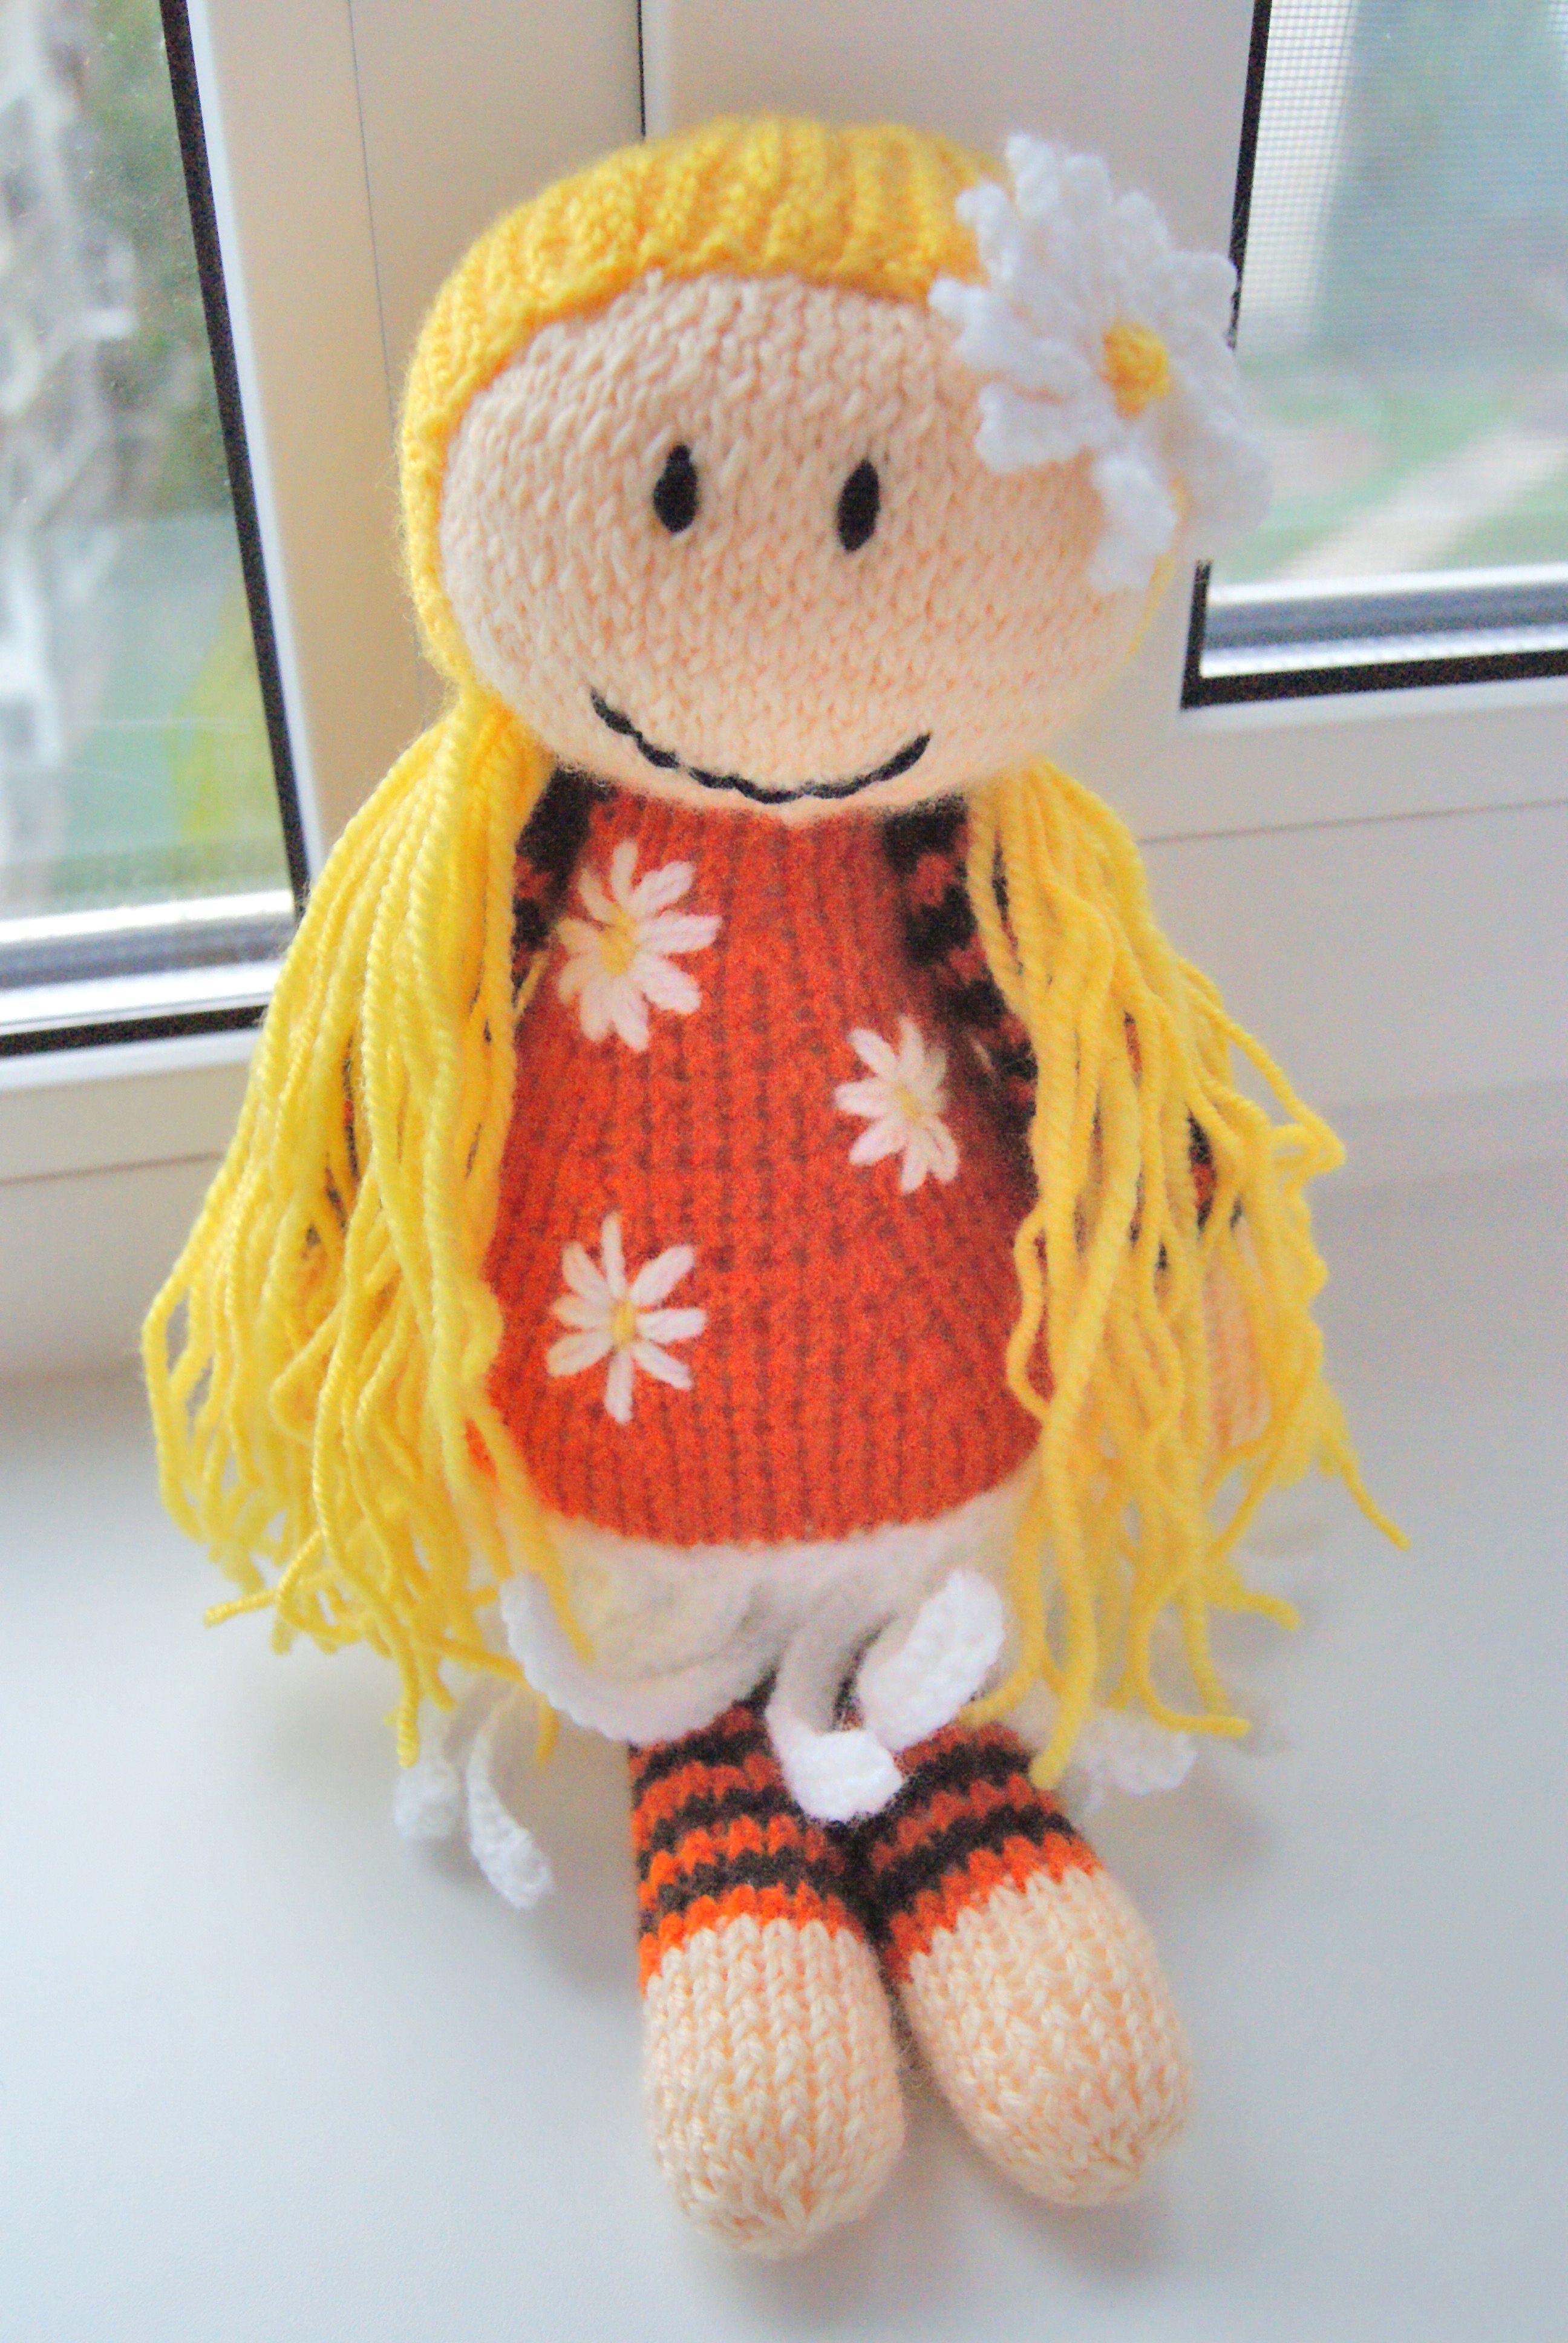 подарок кукла вязание интерьернаяигрушка вяжуназаказ детям куколка златовласка интерьернаякукла вязаниеназаказ